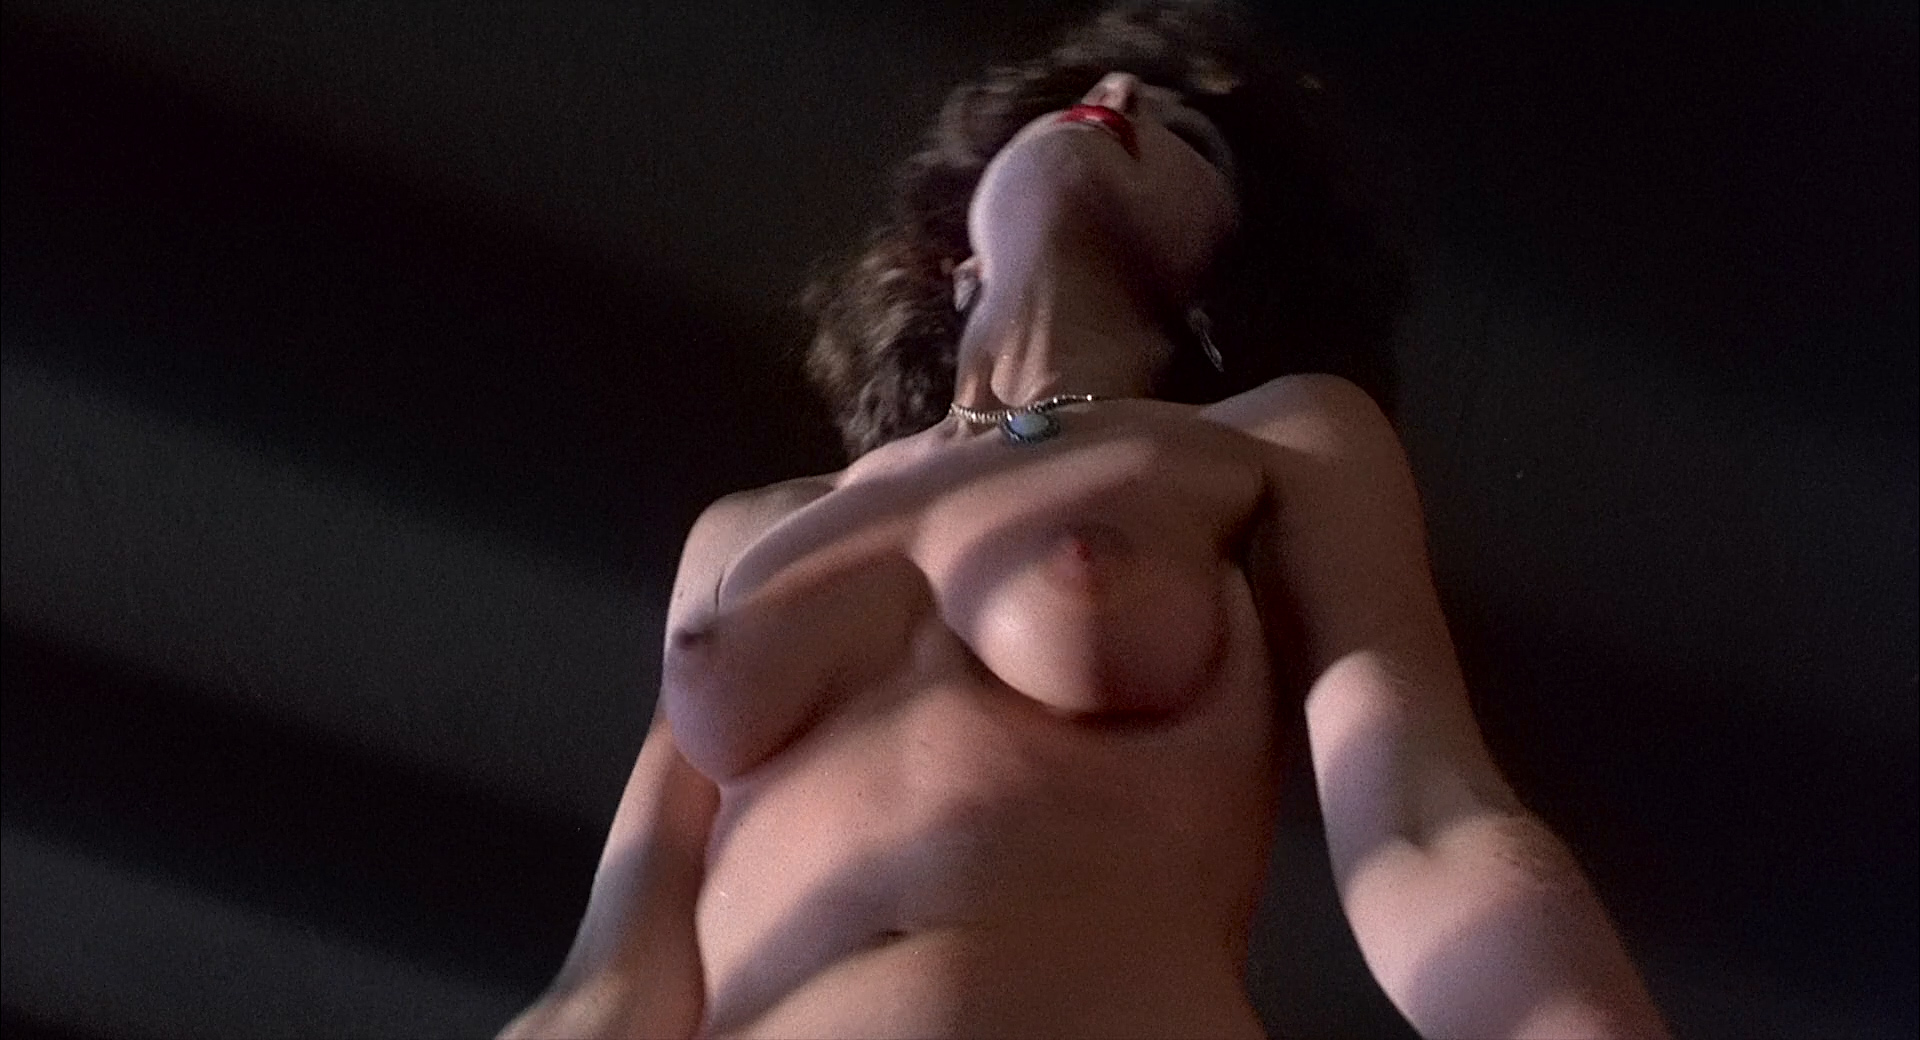 Penelope milford nude